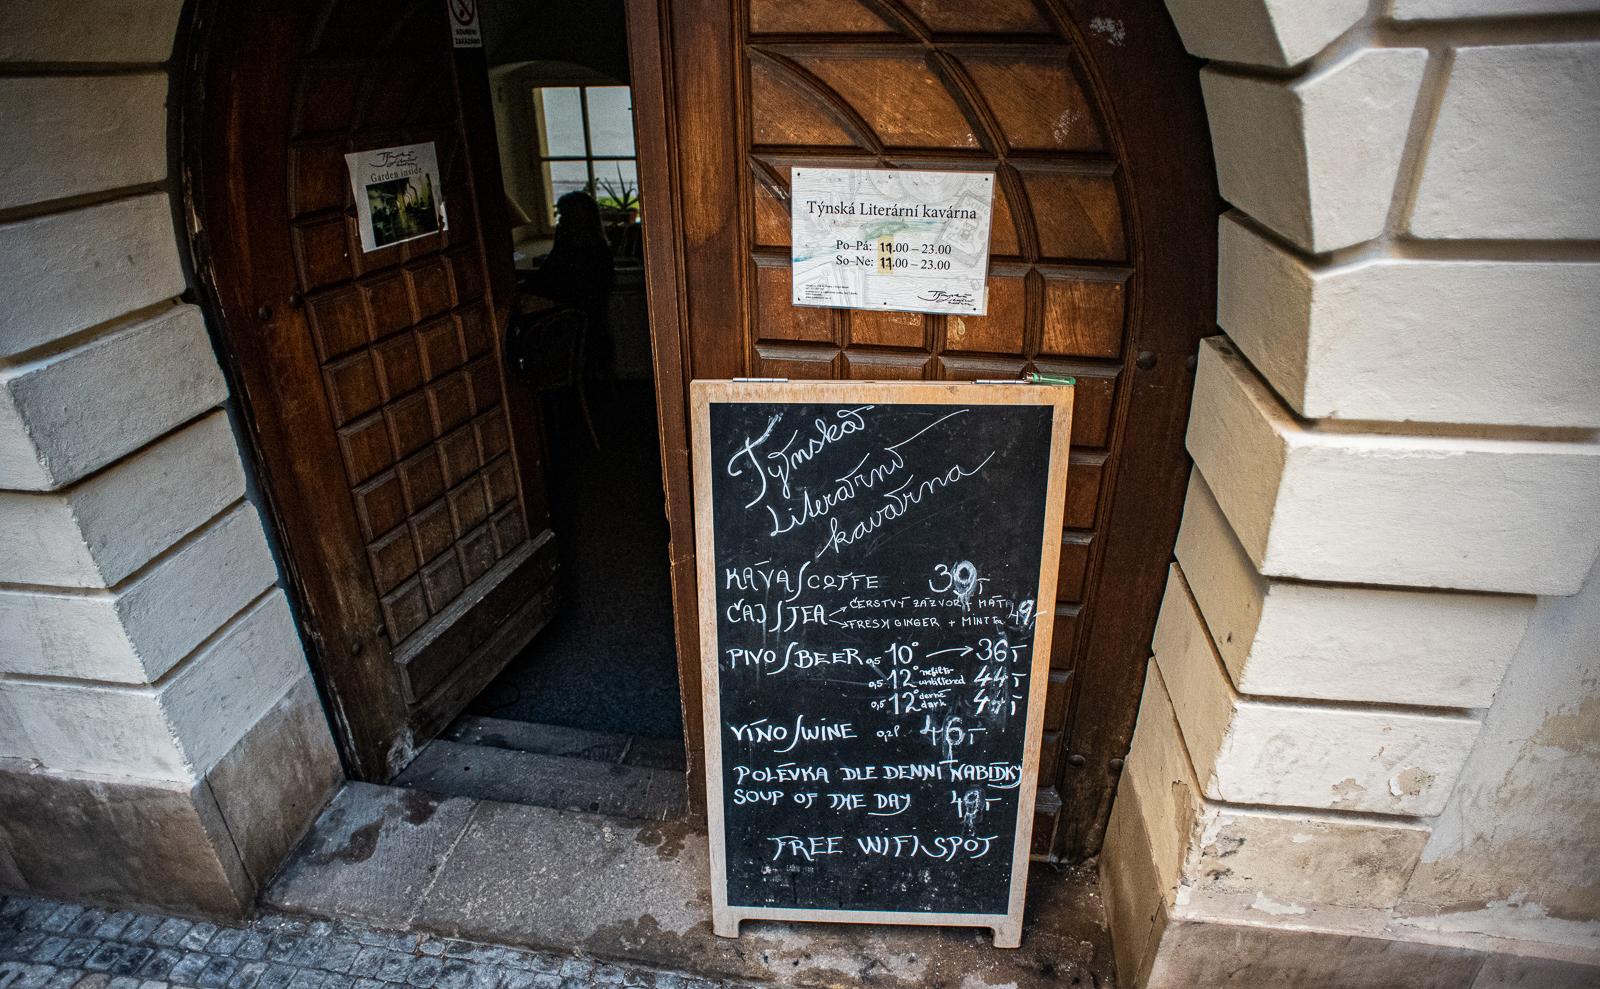 The Týnská Literary Café in Prague has a Bohemian Vibe